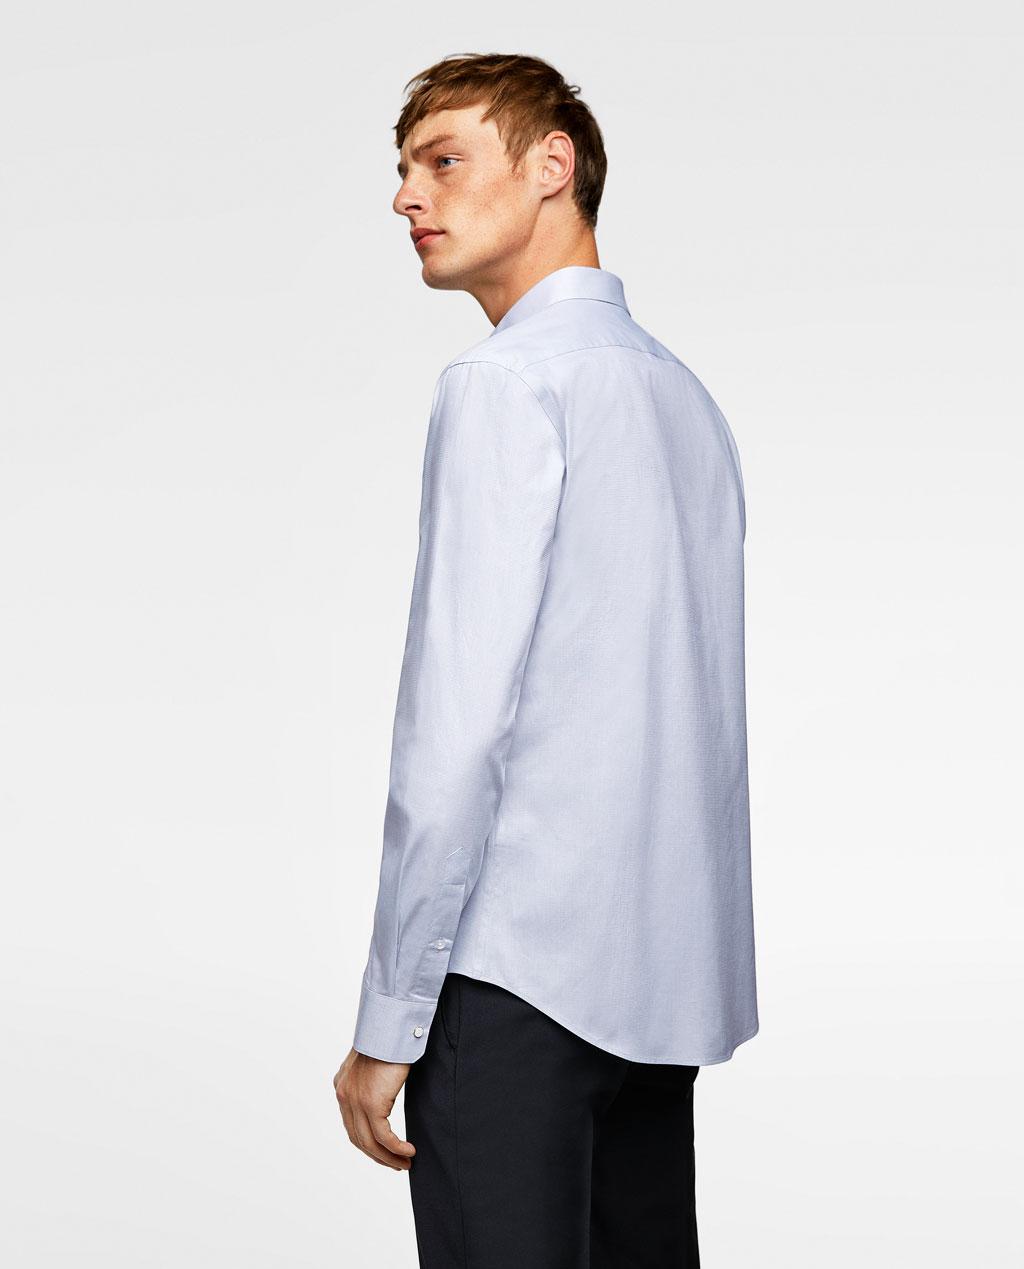 Thời trang nam Zara  23985 - ảnh 5